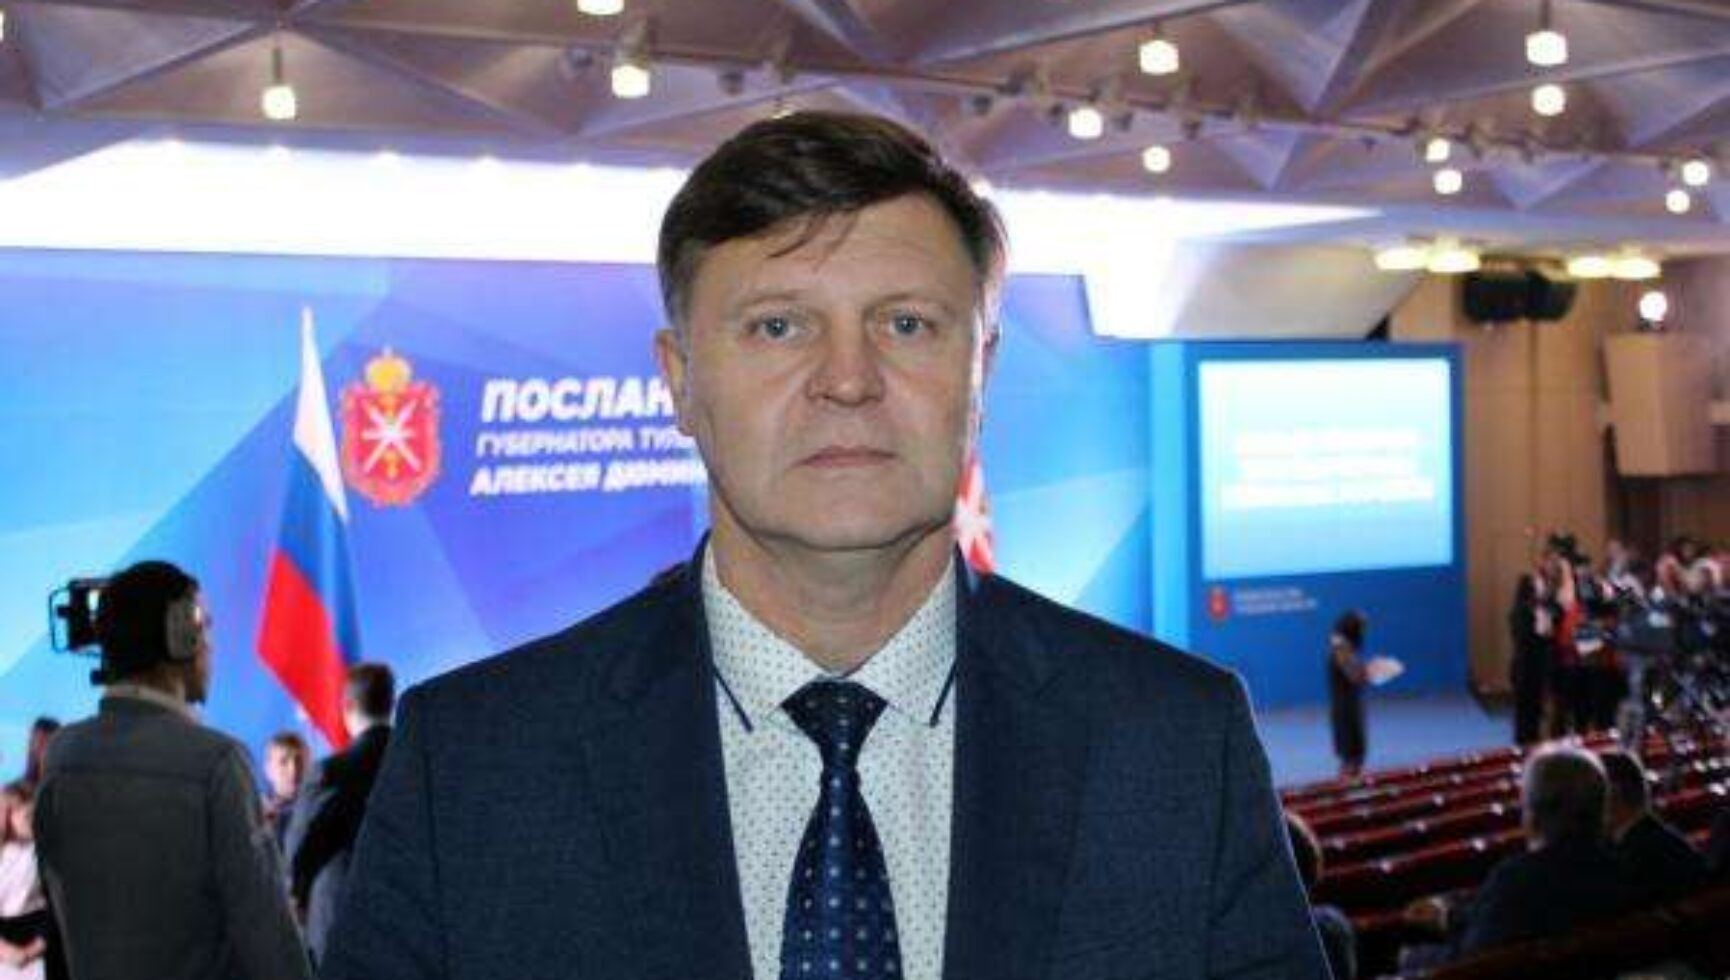 Поздравляем Миллера Вячеслава Альбертовича, заместителя главы администрации муниципального образования Дубенский район, с Днем рождения!